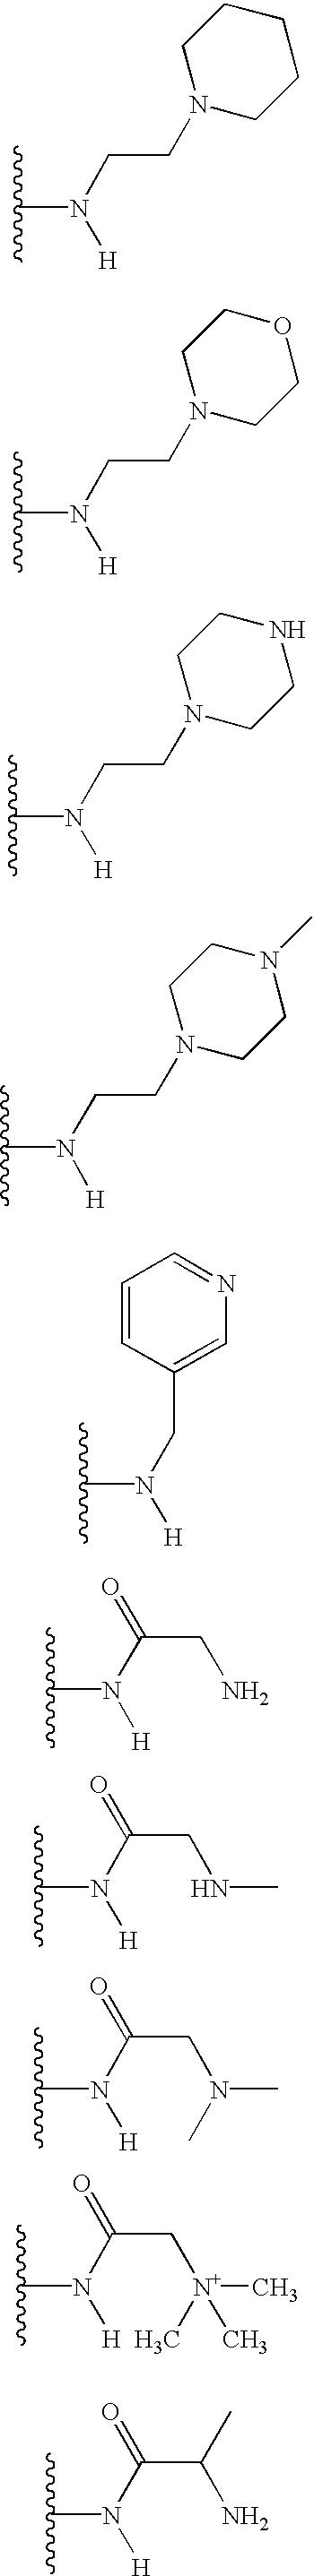 Figure US06498238-20021224-C00752